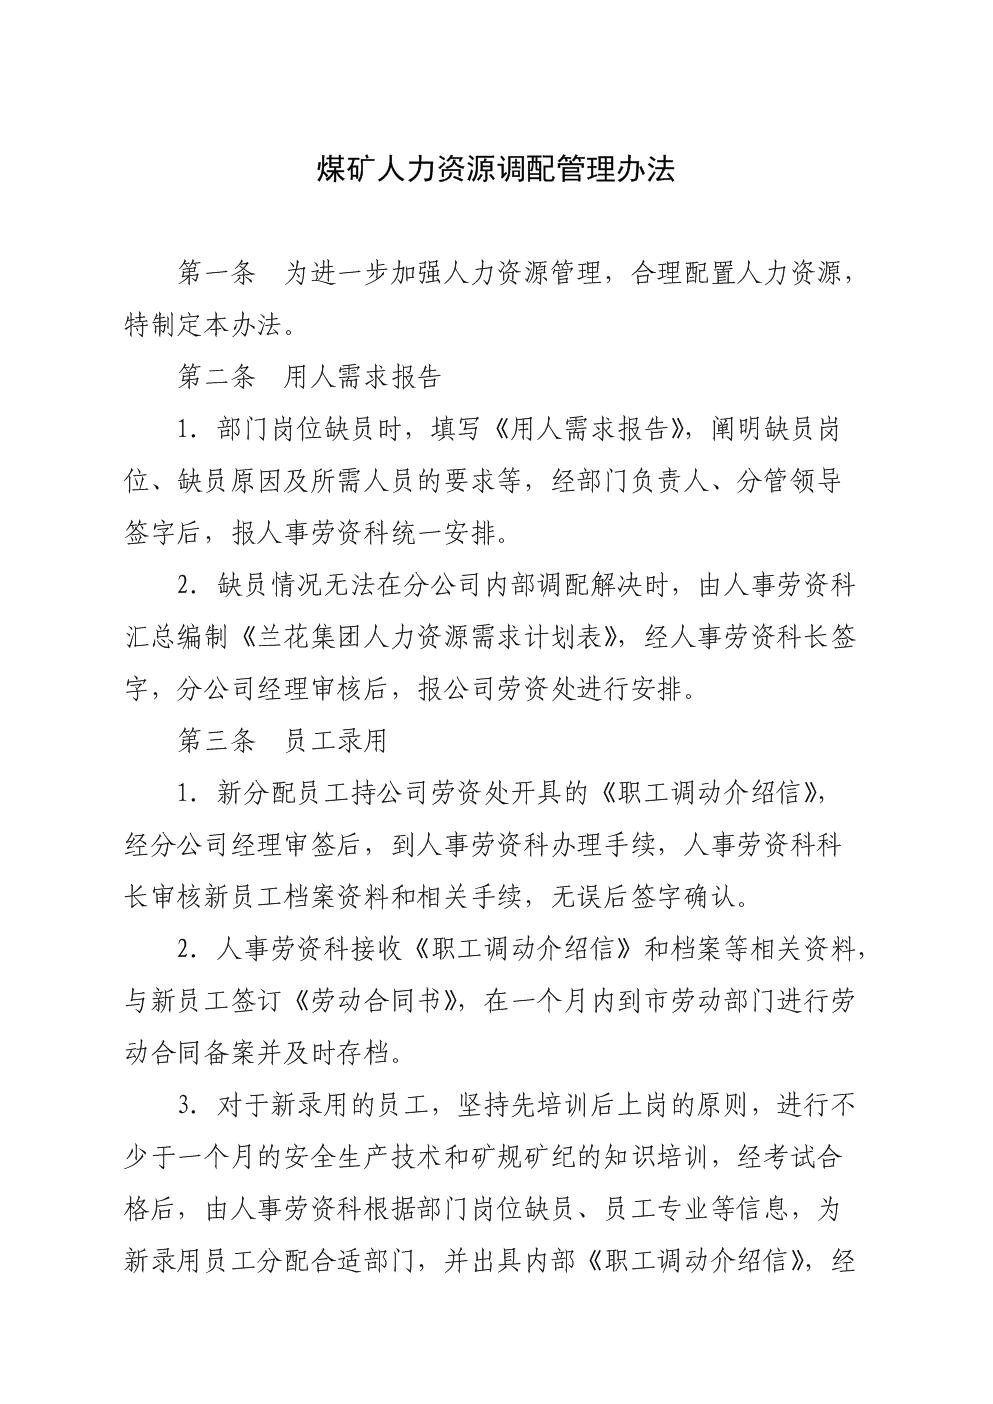 煤矿人力资源调配管理办法.doc